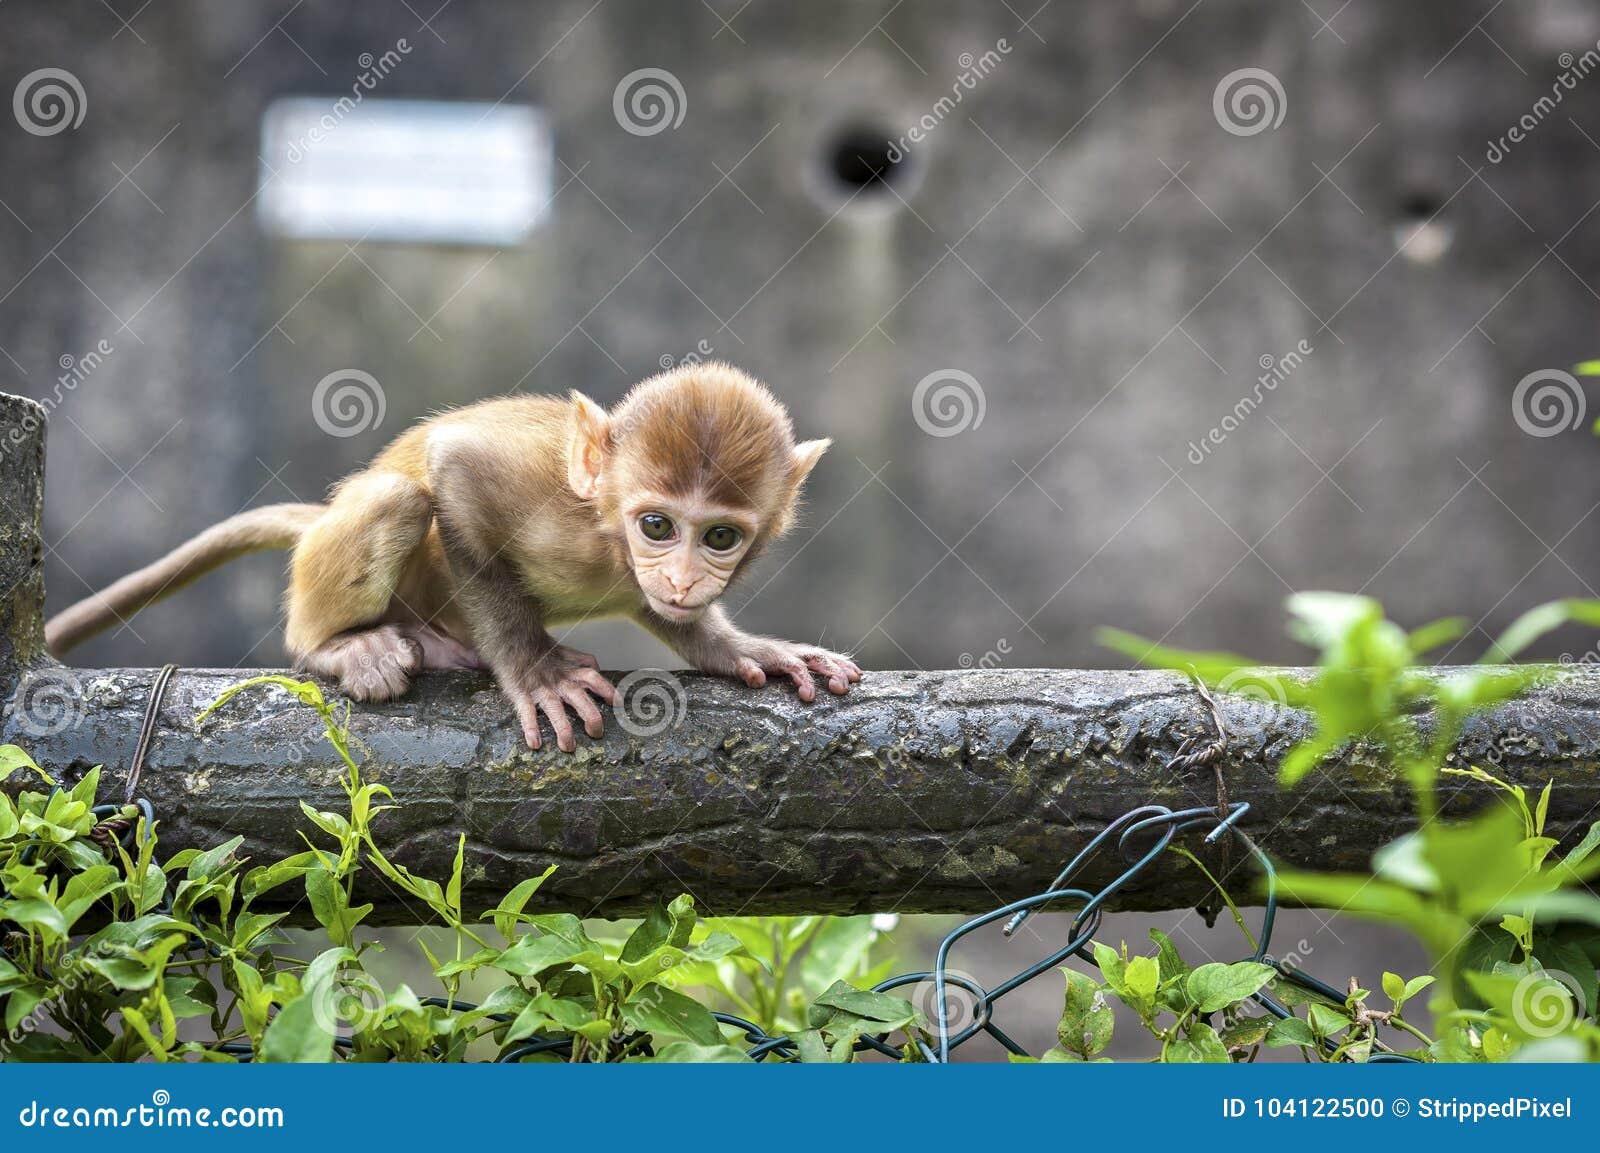 Baby Rhesus Macaque at Kam Shan Country Park, Kowloon, Hong Kong